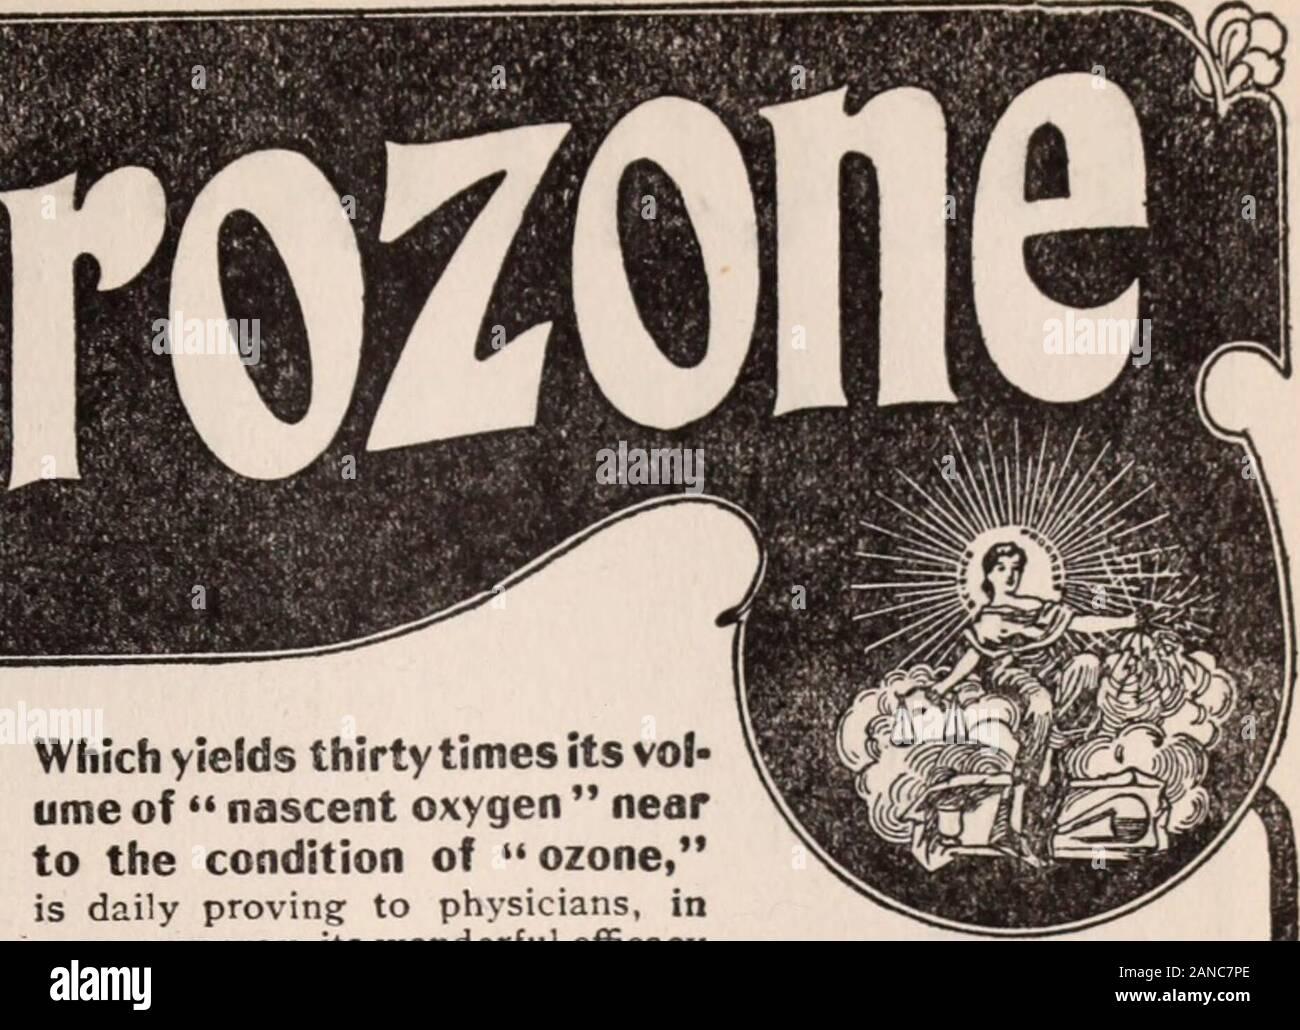 Critica . Che produce più di trenta volte la sua vol-ume di ossigeno nascente nearto la condizione dell'ozono, è quotidiana dimostrando di medici, insome nuovo modo, la sua meravigliosa efficacyin testardo casi di eczema, psoriasi, sale Rheam, prurito,Barbieri prurito, Erysipelas, avvelenamento di Edera, tigna,Herpes Zoster o zona, ecc. L acne e brufoli su Faceare cancellato e i pori guarito da HYDROZONE GLYCOZONEin e un modo che ismagical. Provate questo trattamento; resultswill si prega di voi. Metodo completo di trattare-mento nel mio libro, Il TherapeuticalApplications di Hy-drozone e glico-zone ; SeventeenthEdition, 332 pagine.inviato libero di PHY Foto Stock